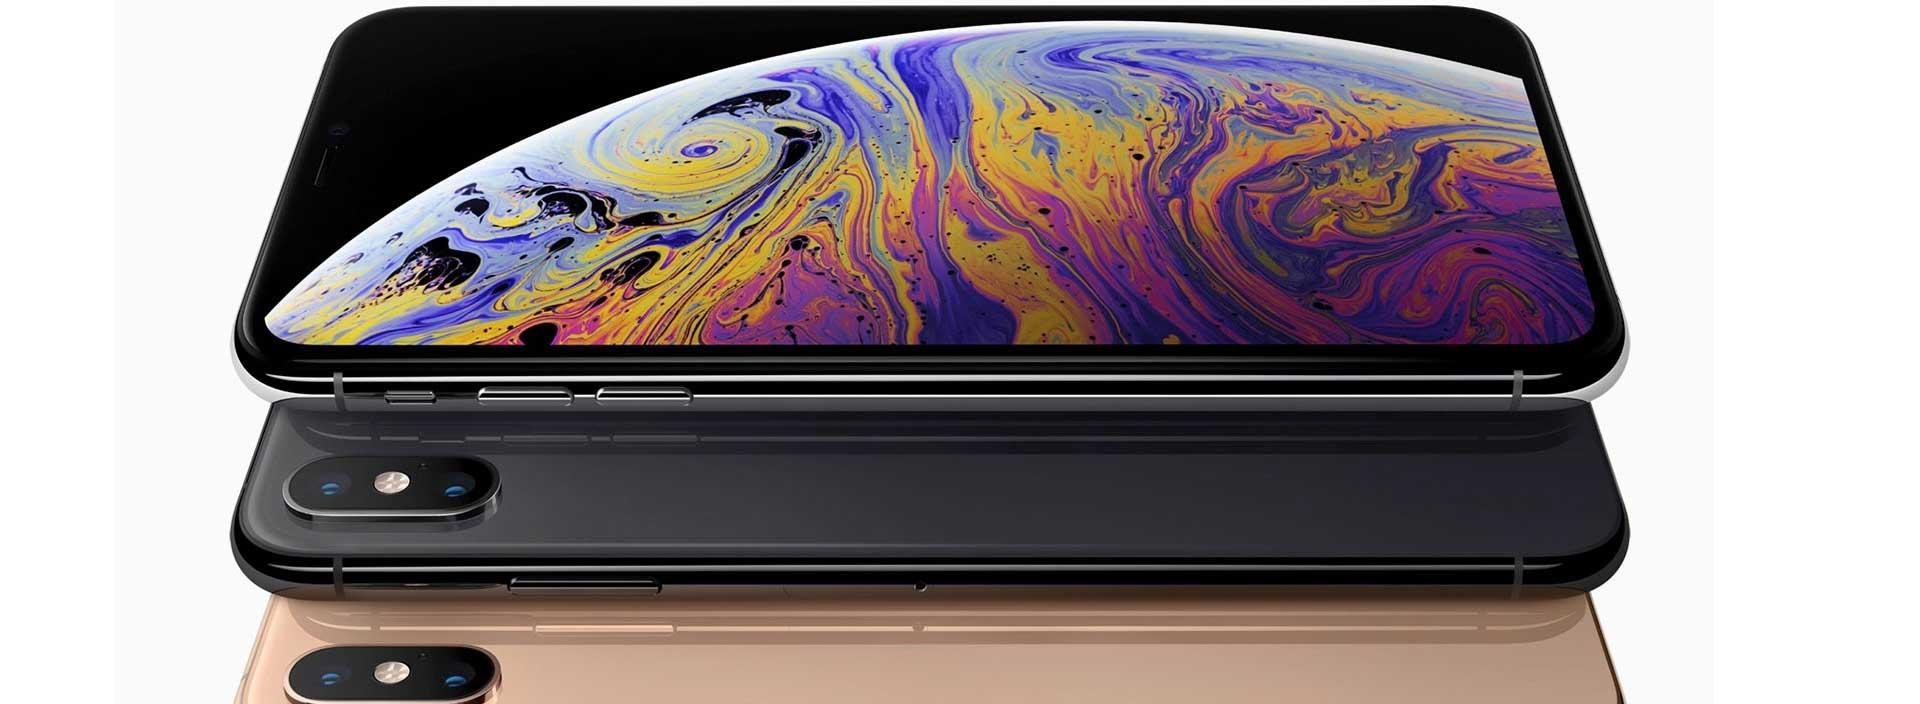 Análise: iPhone Xs - será que o celular que está chegando ao Brasil vale a pena?